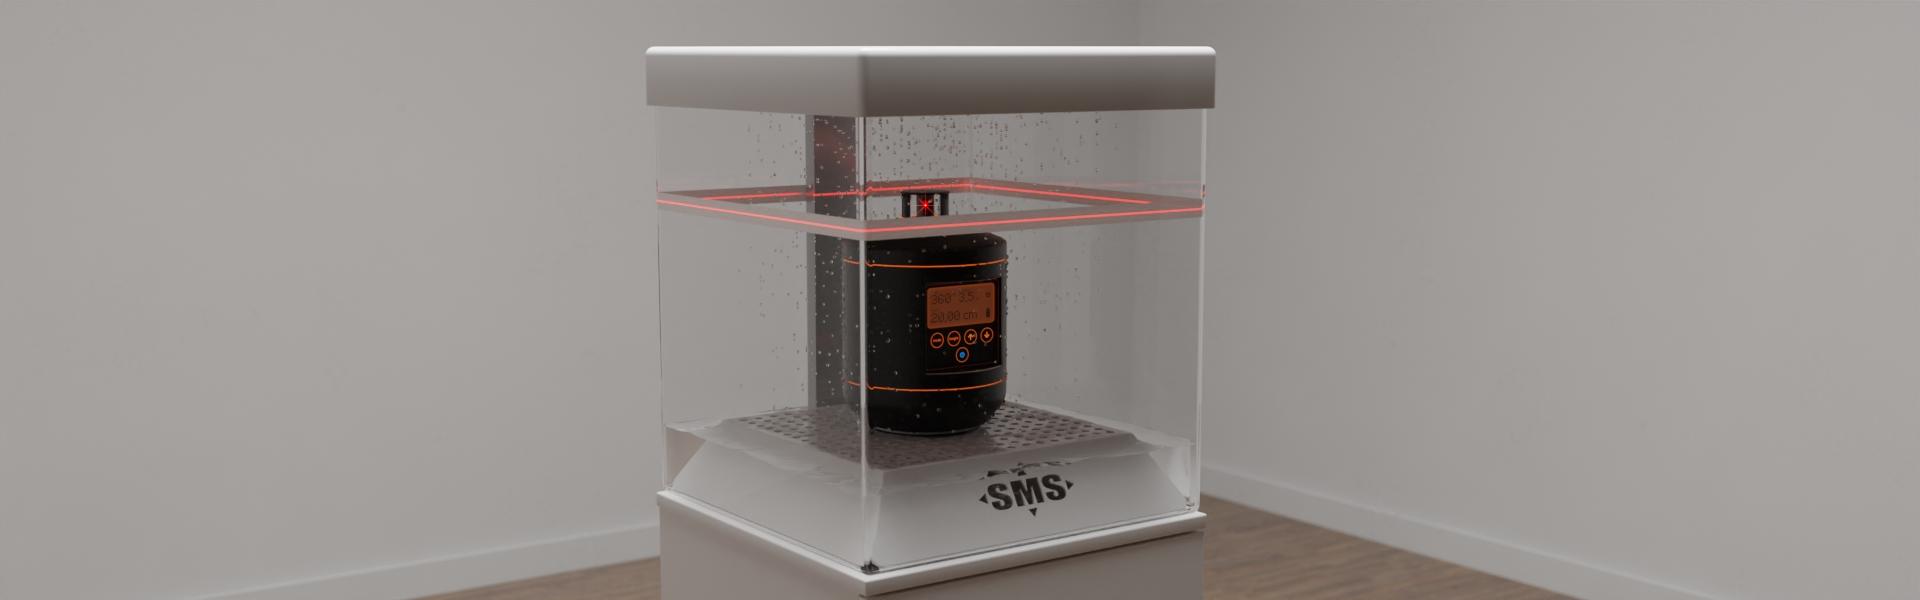 Sonderanfertigung eines funktionellen Displays für ein Laser-Meßgerät, Bild 5